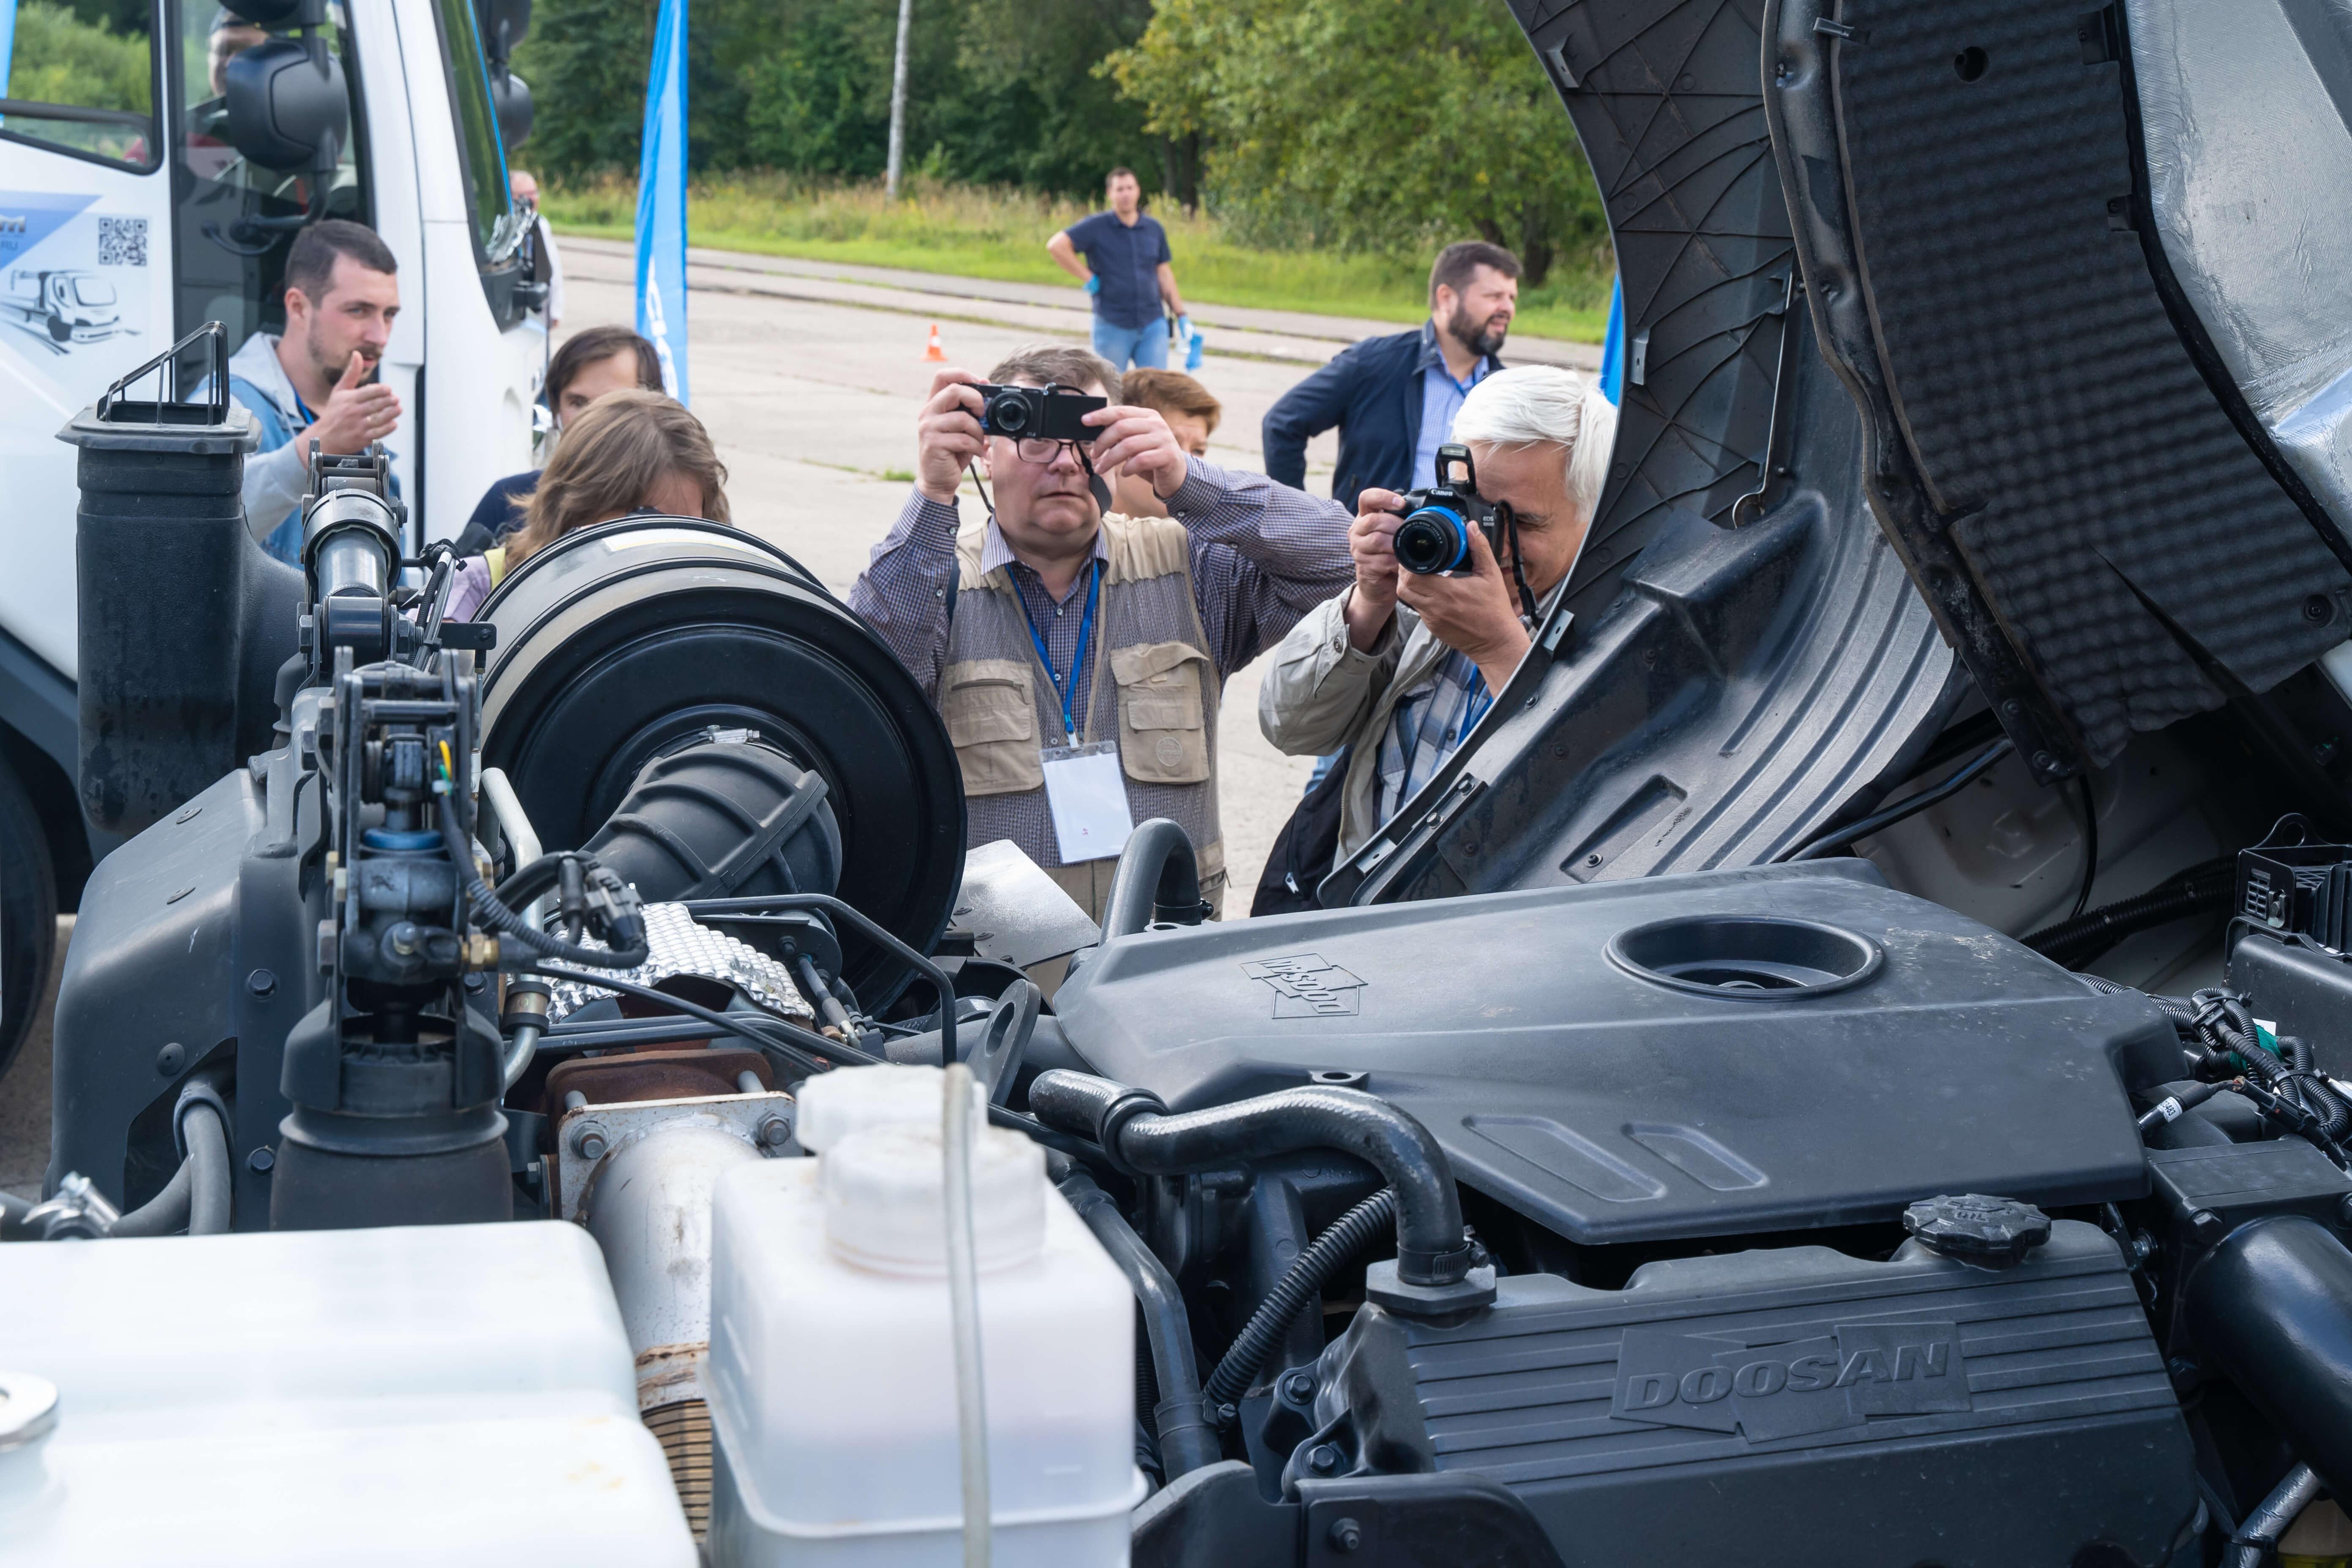 Организация тест-драйва автомобилей для журналистов